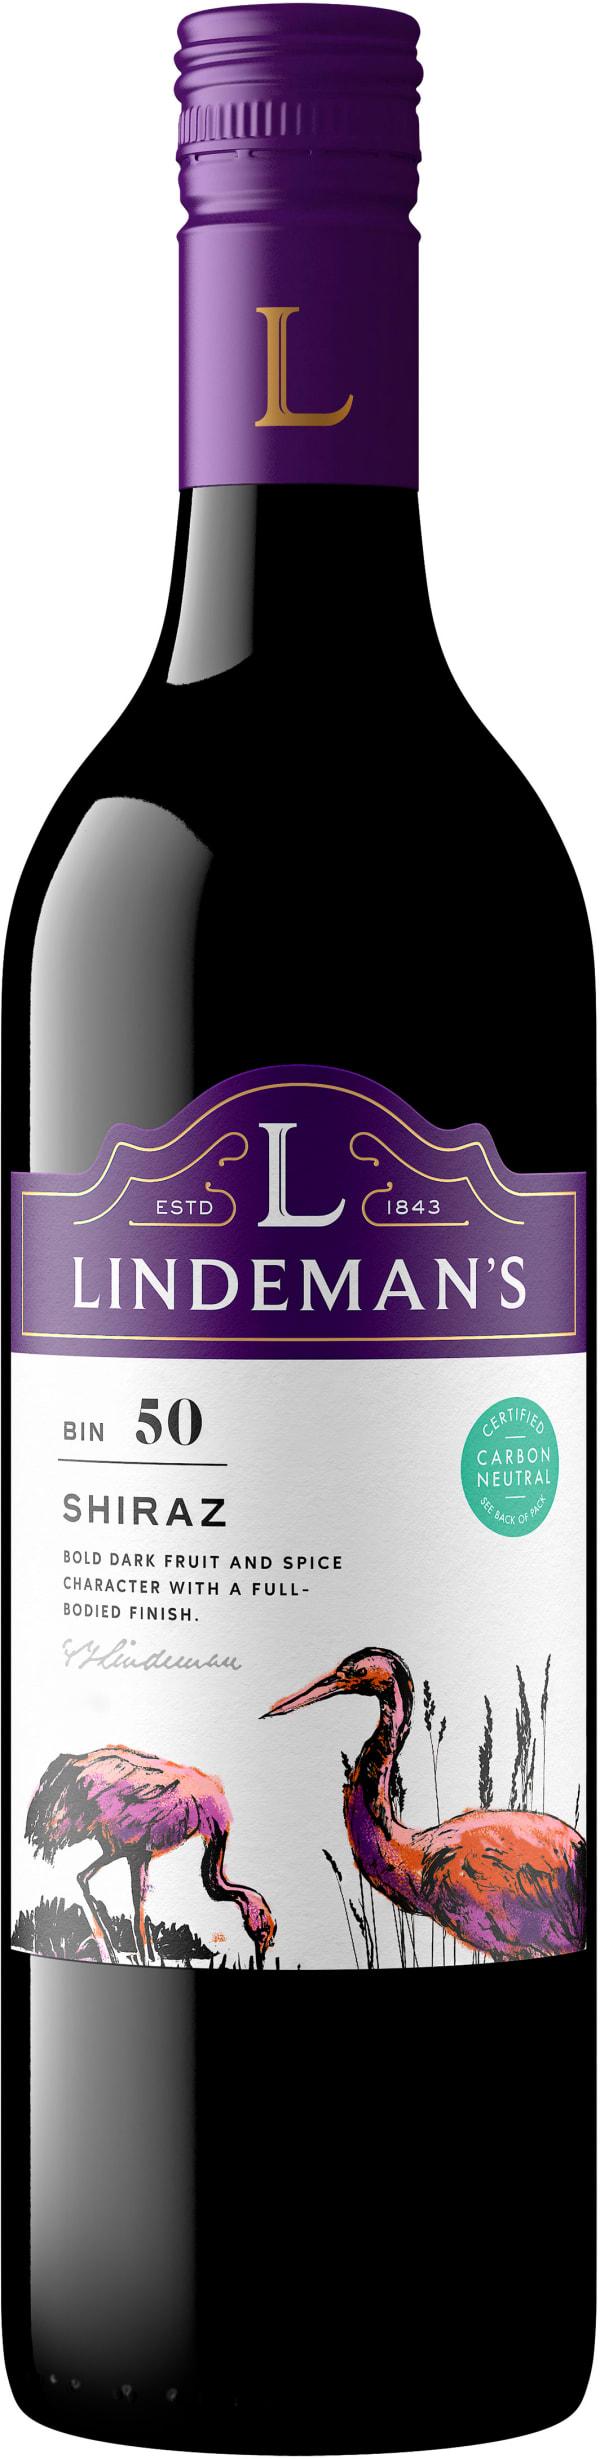 Lindeman's Bin 50 Shiraz 2017